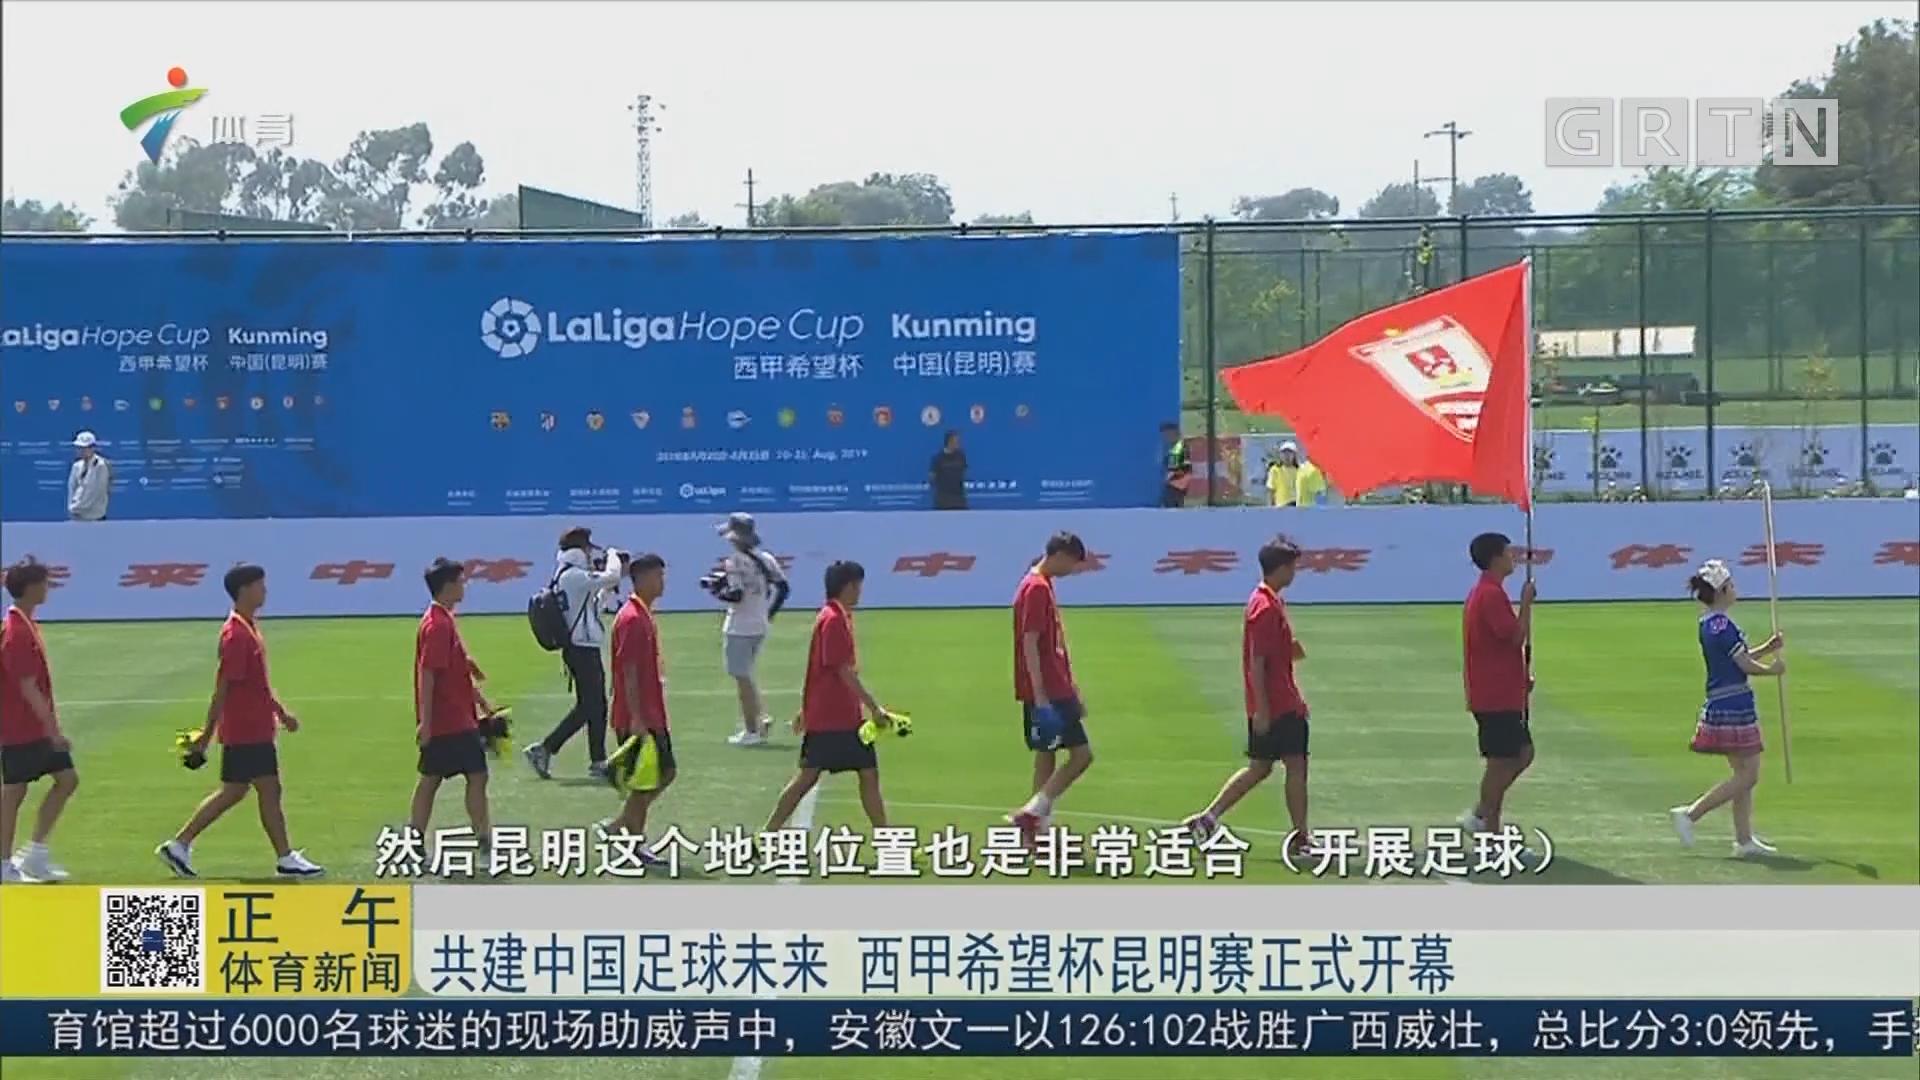 共建中国足球未来 西甲希望杯昆明赛正式开幕